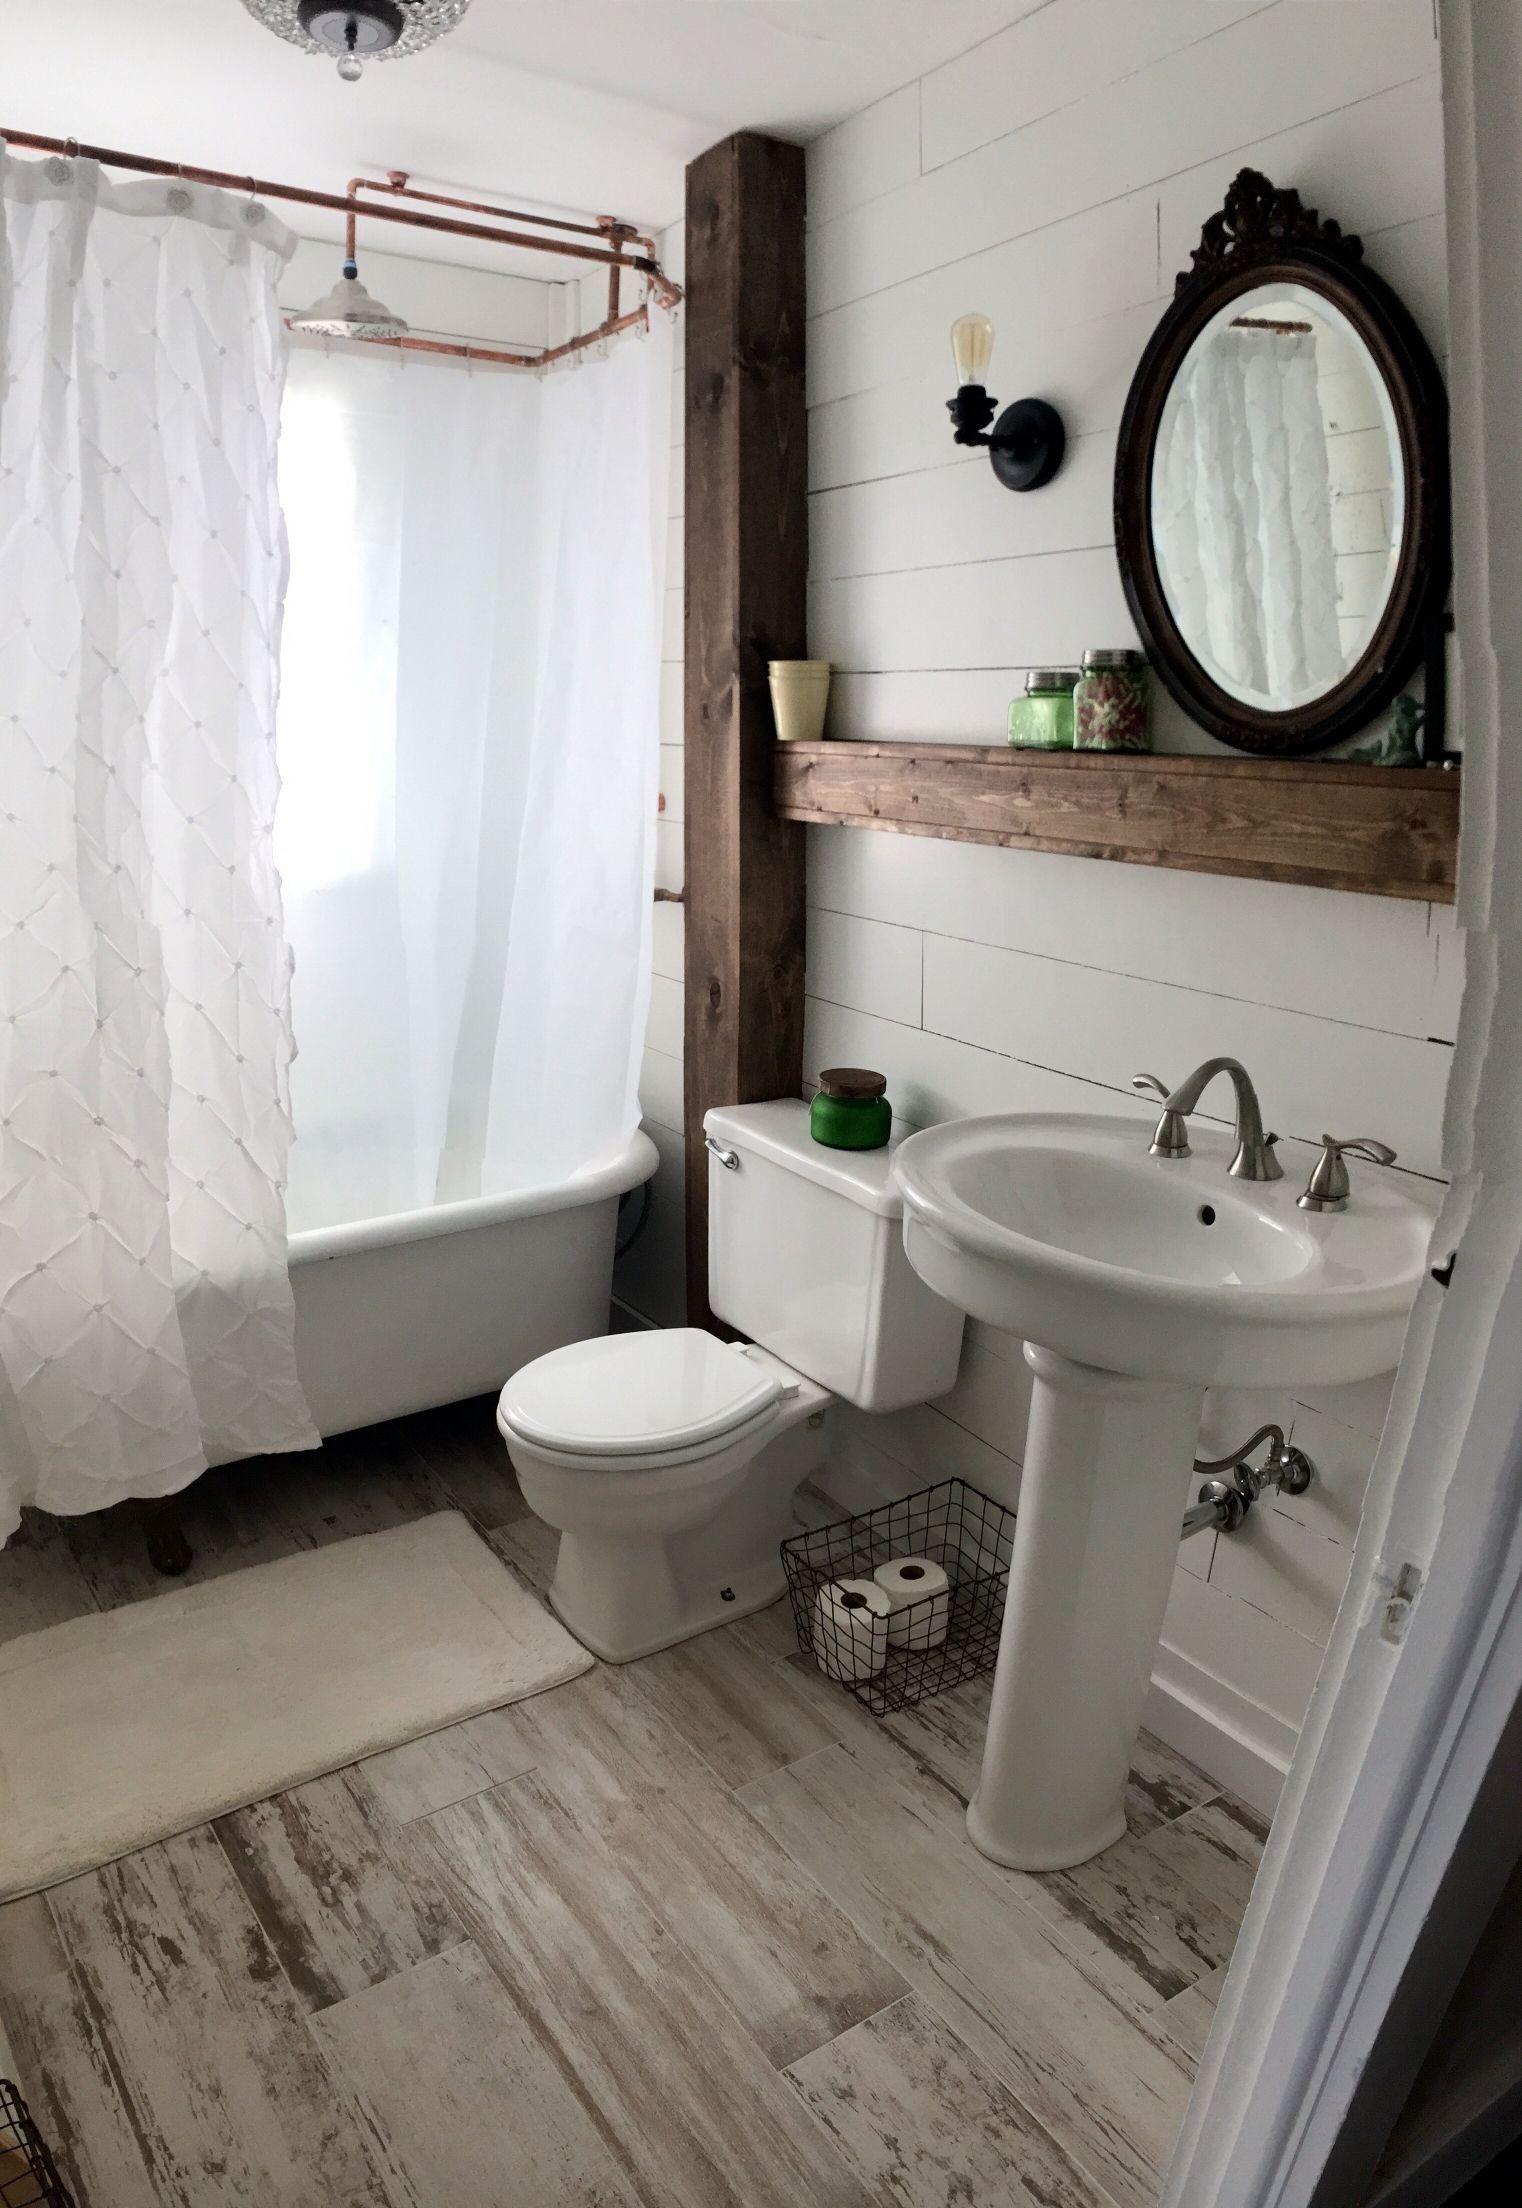 Interessante Kleine Badezimmer Layout Ideen Badezimmer Ideen Fur